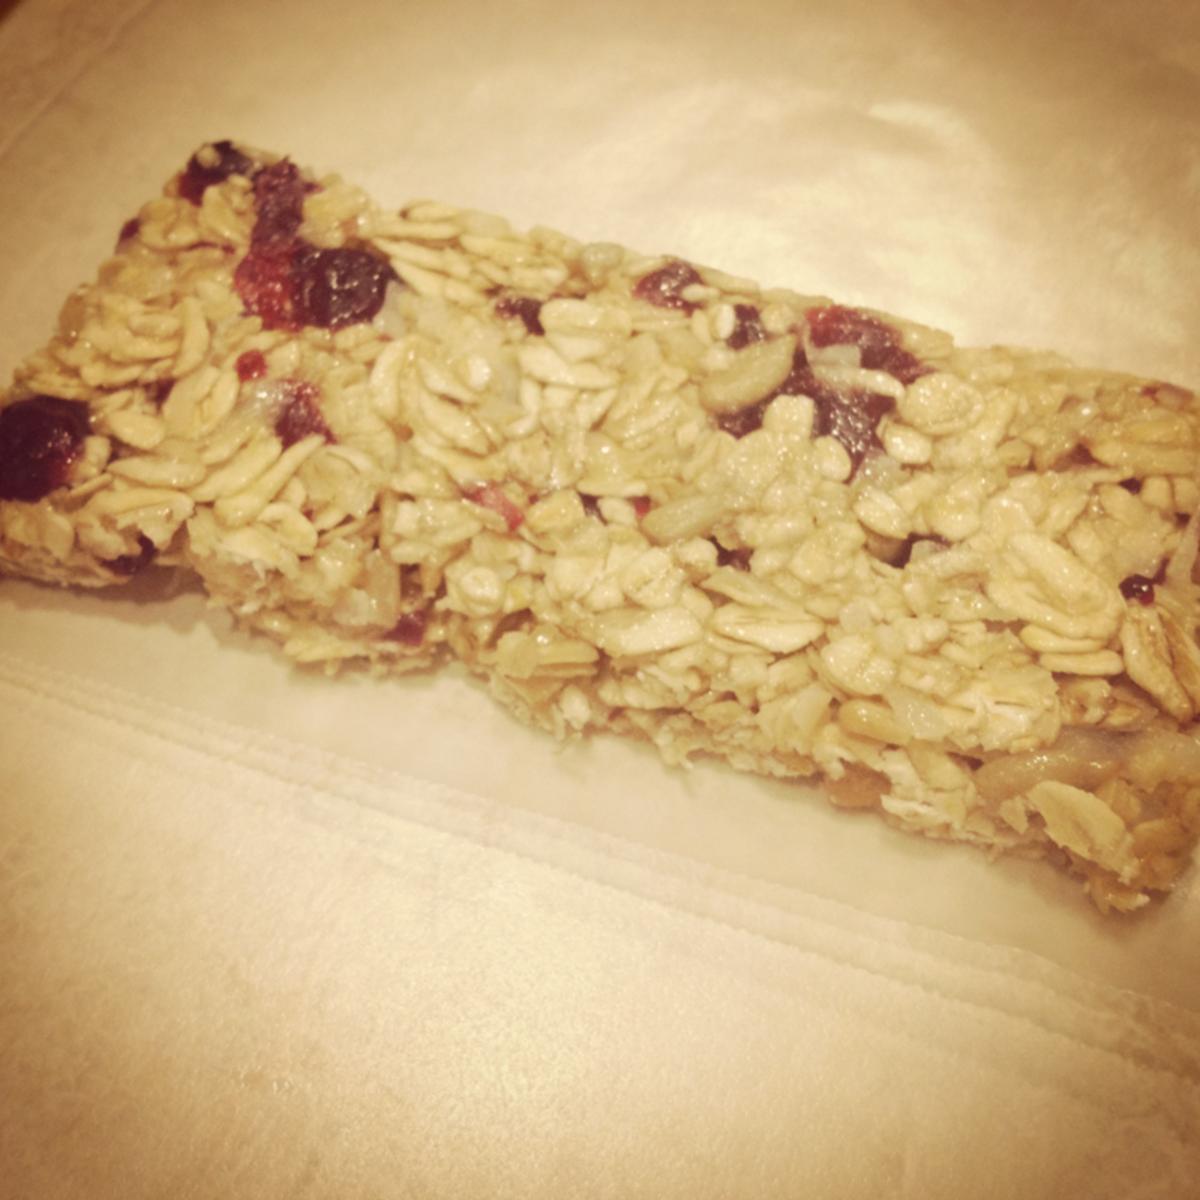 Home Made Granola Bar Snack